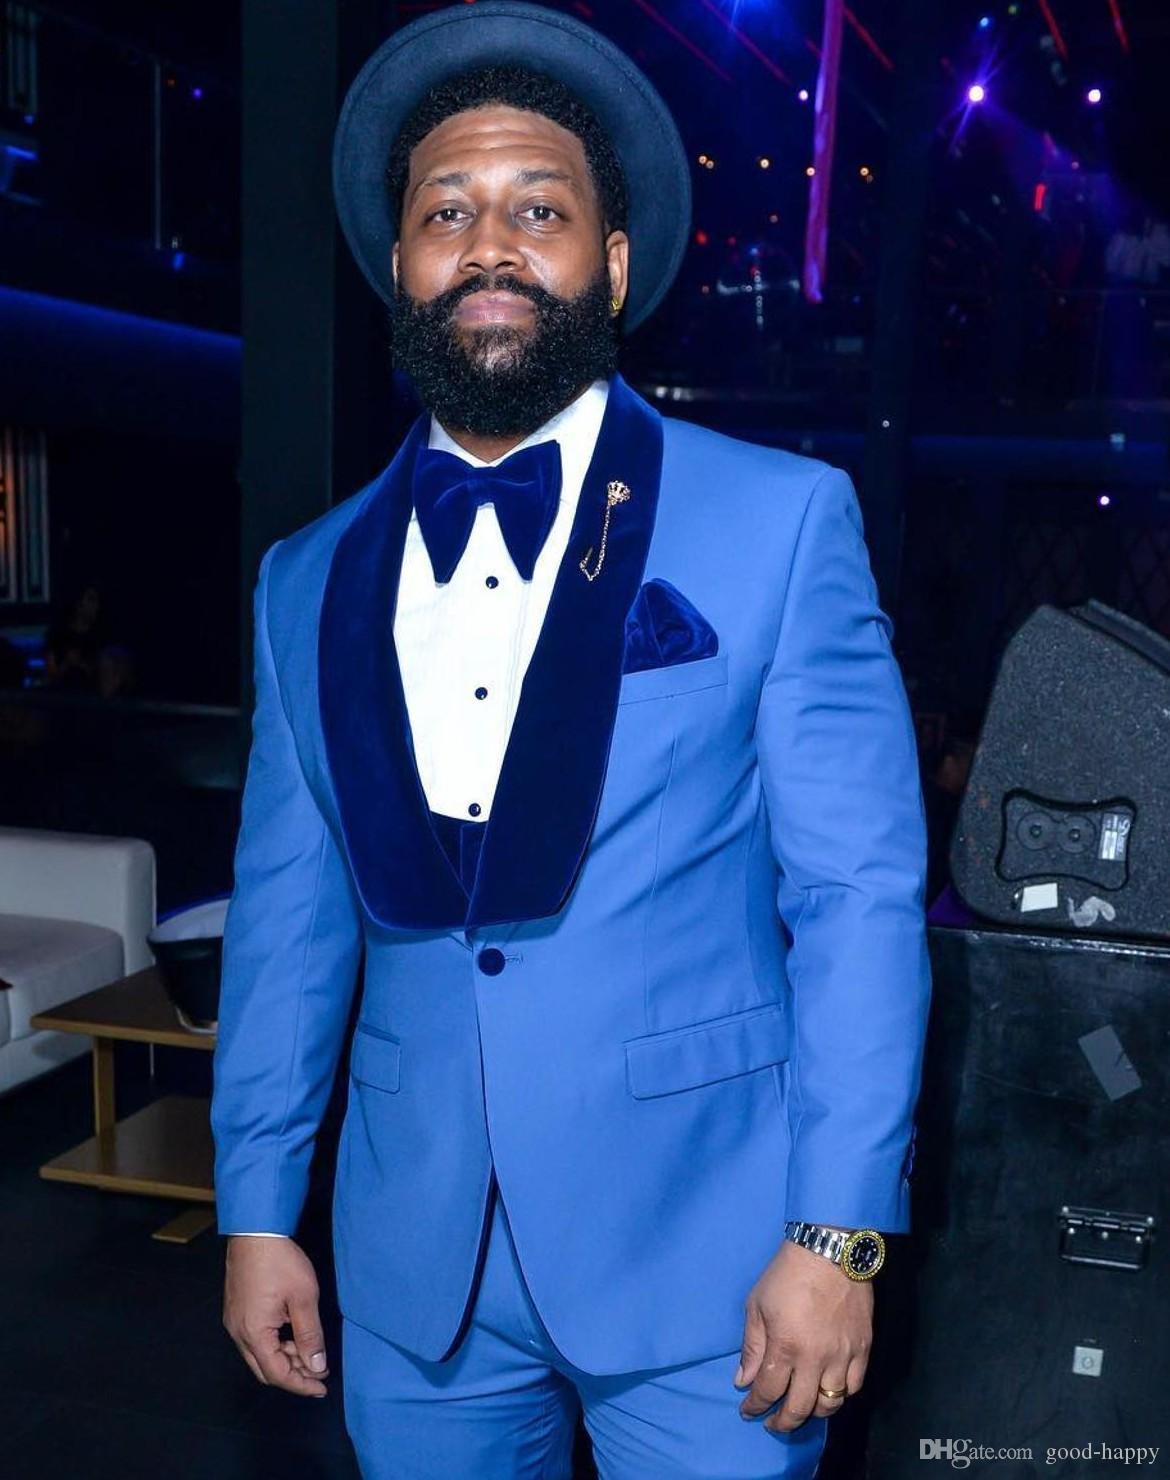 Chaqueta azul real de los smokinges del novio del padrino de boda del mantón de la solapa de 3 piezas de juego de la manera de los hombres de negocios Prom Party (Blazer Jacket + Pants + Tie + Vest) 2651